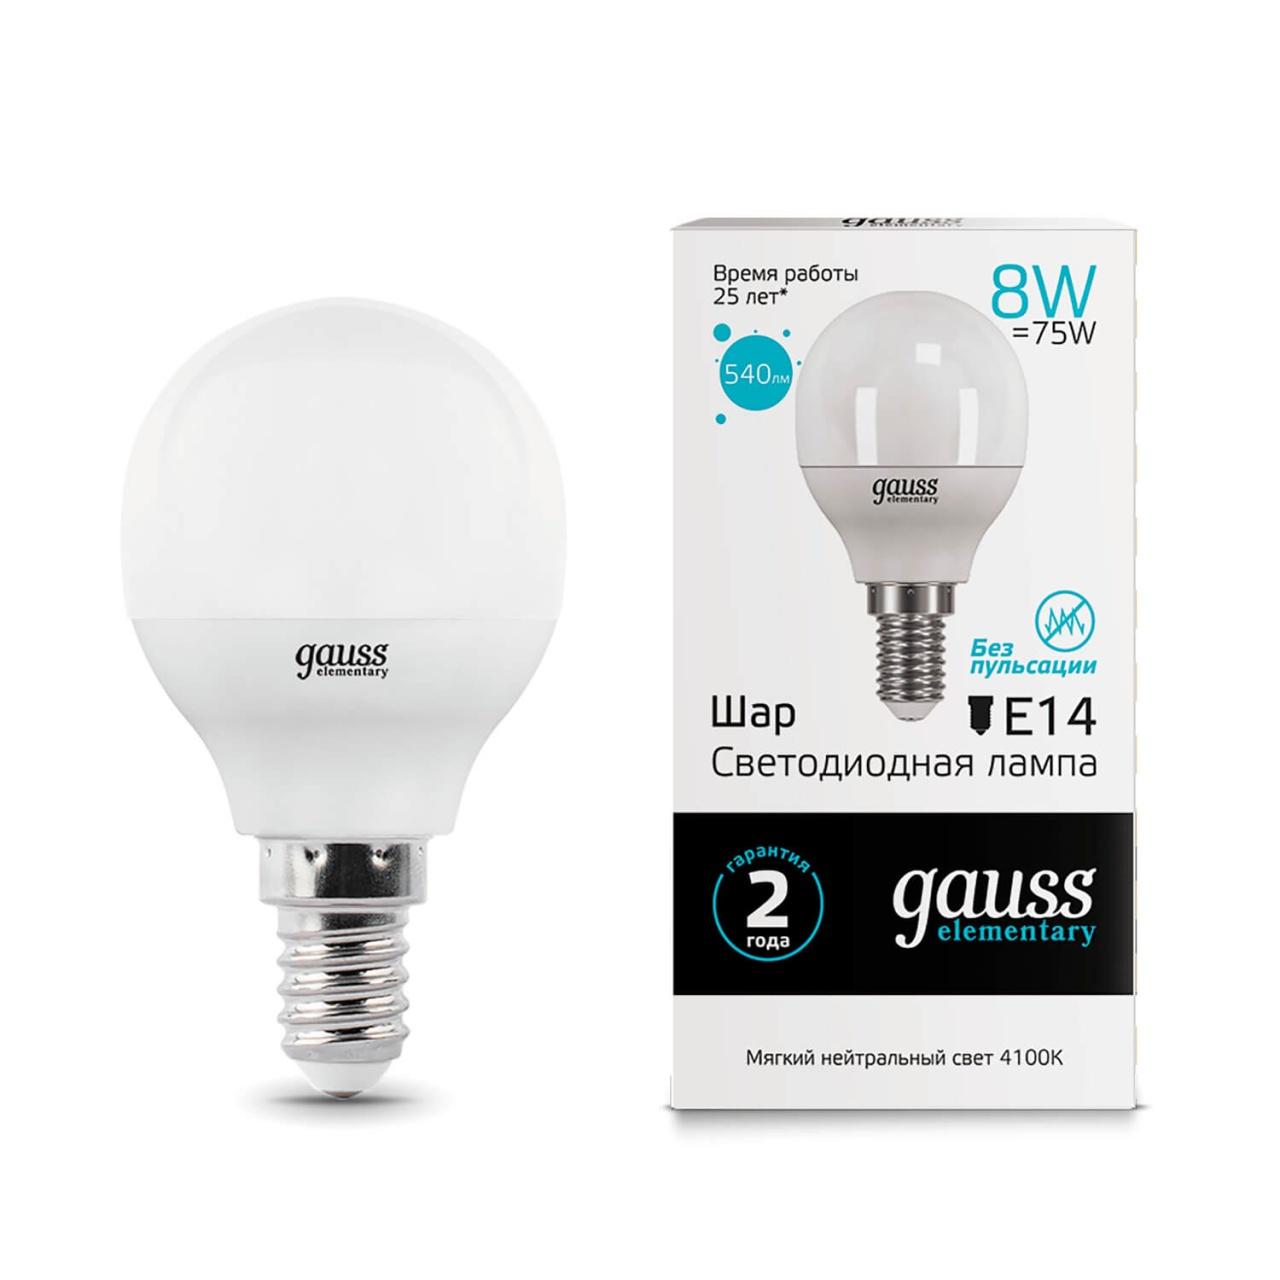 Лампа светодиодная Gauss E14 8W 4100K матовая 53128 лампа светодиодная gauss e14 8w 4100k матовая 34128